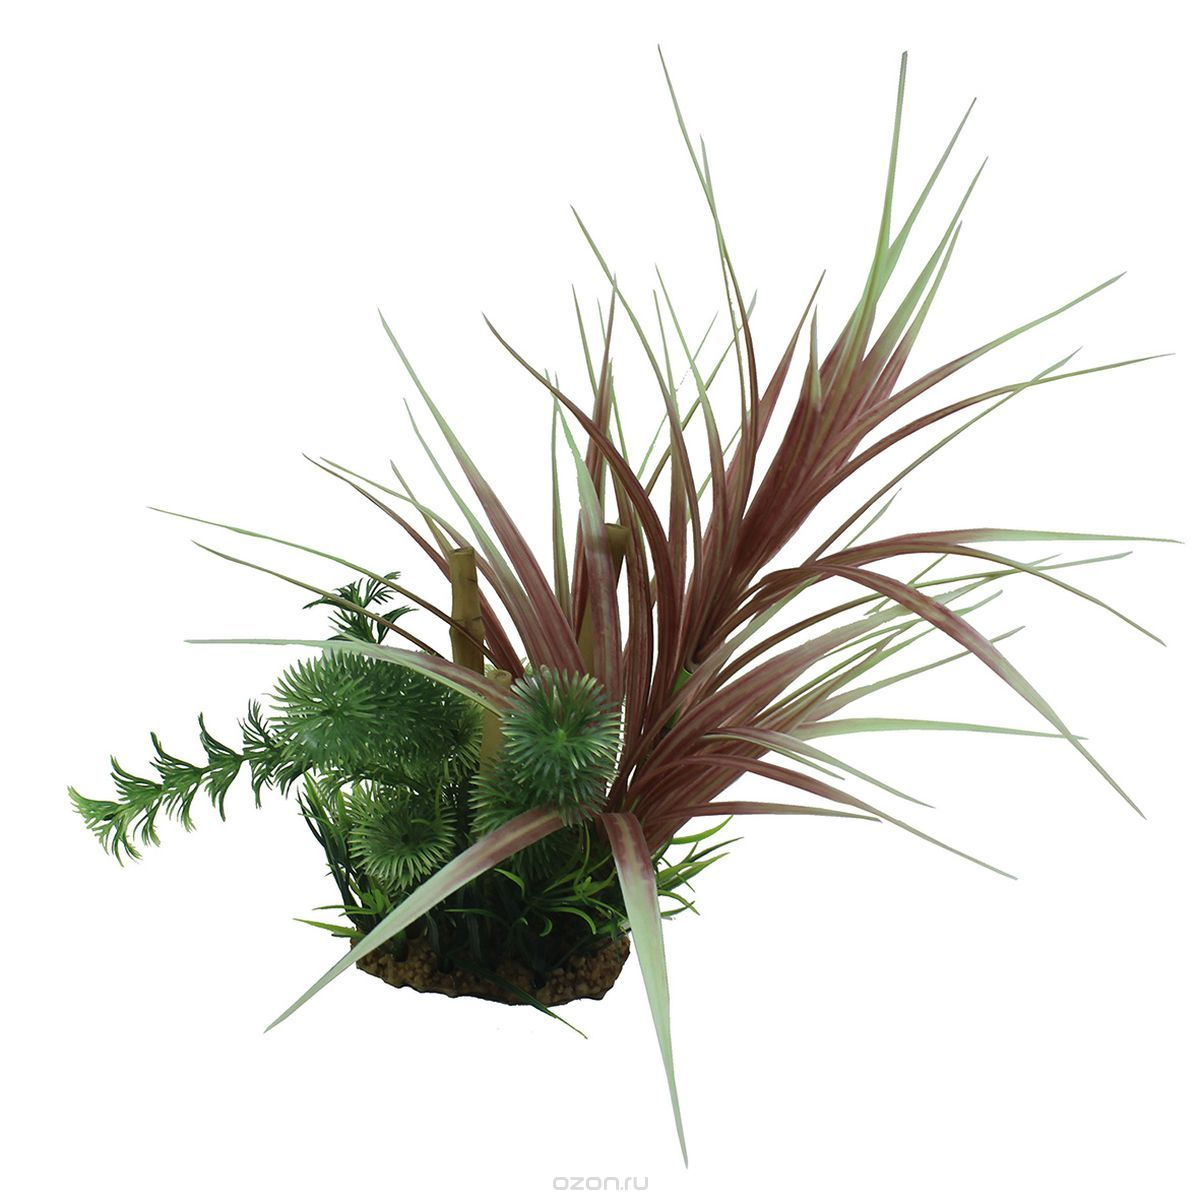 Композиция из растений для аквариума ArtUniq Офиопогон красный с бамбуком, высота 20 см декорация для аквариума dezzie руины лестница 16 5 х 7 8 х 8 5 см